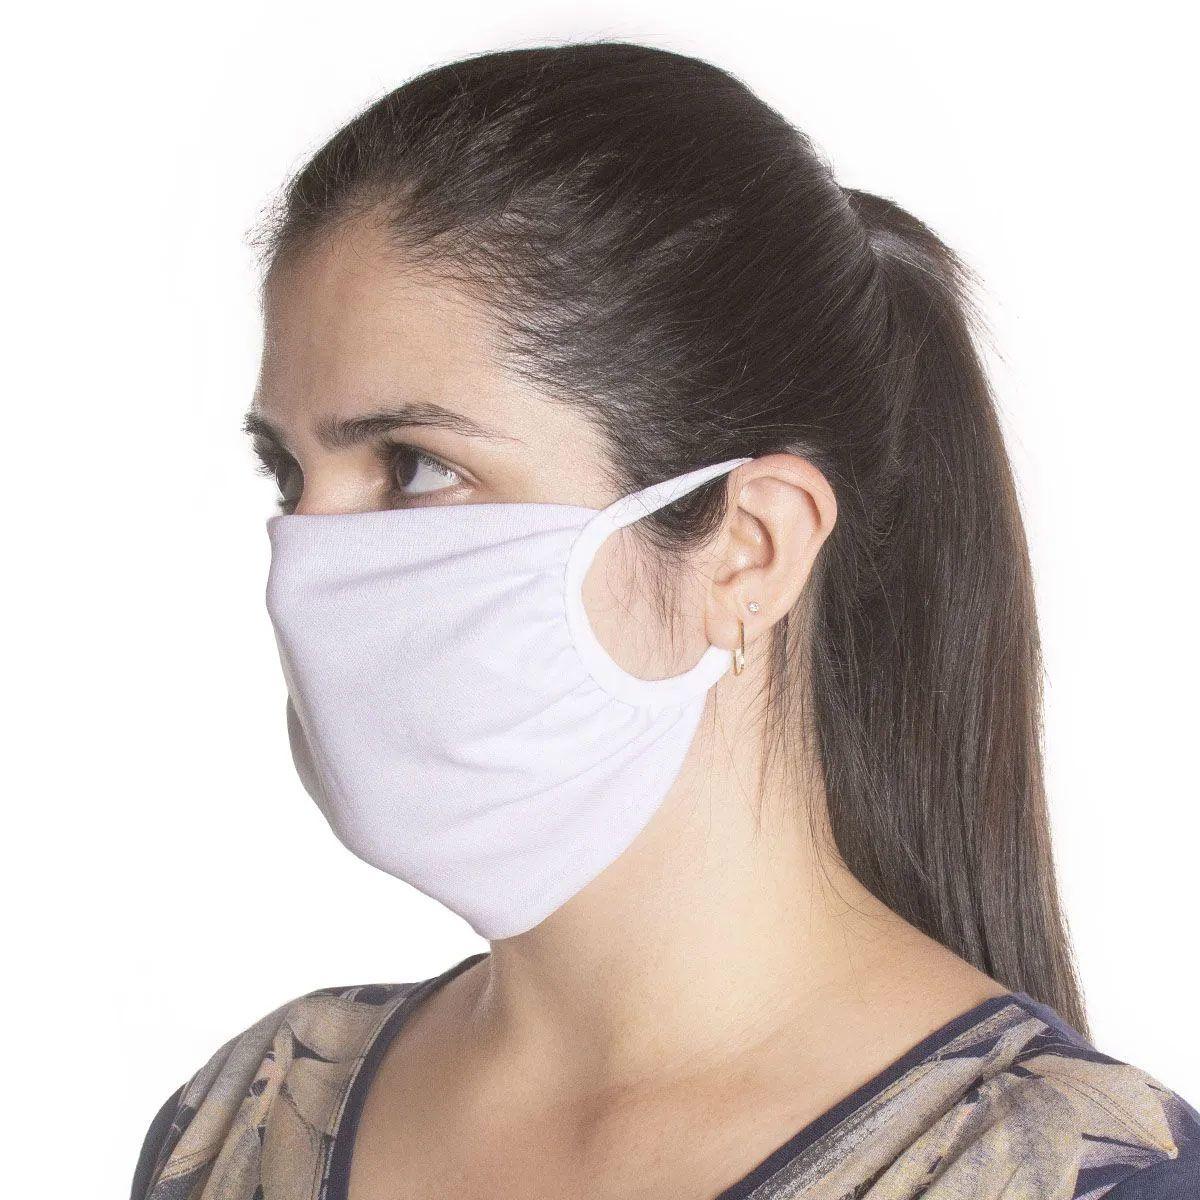 Kit com 100 Unidades de Máscaras de Proteção em Algodão Reutilizável